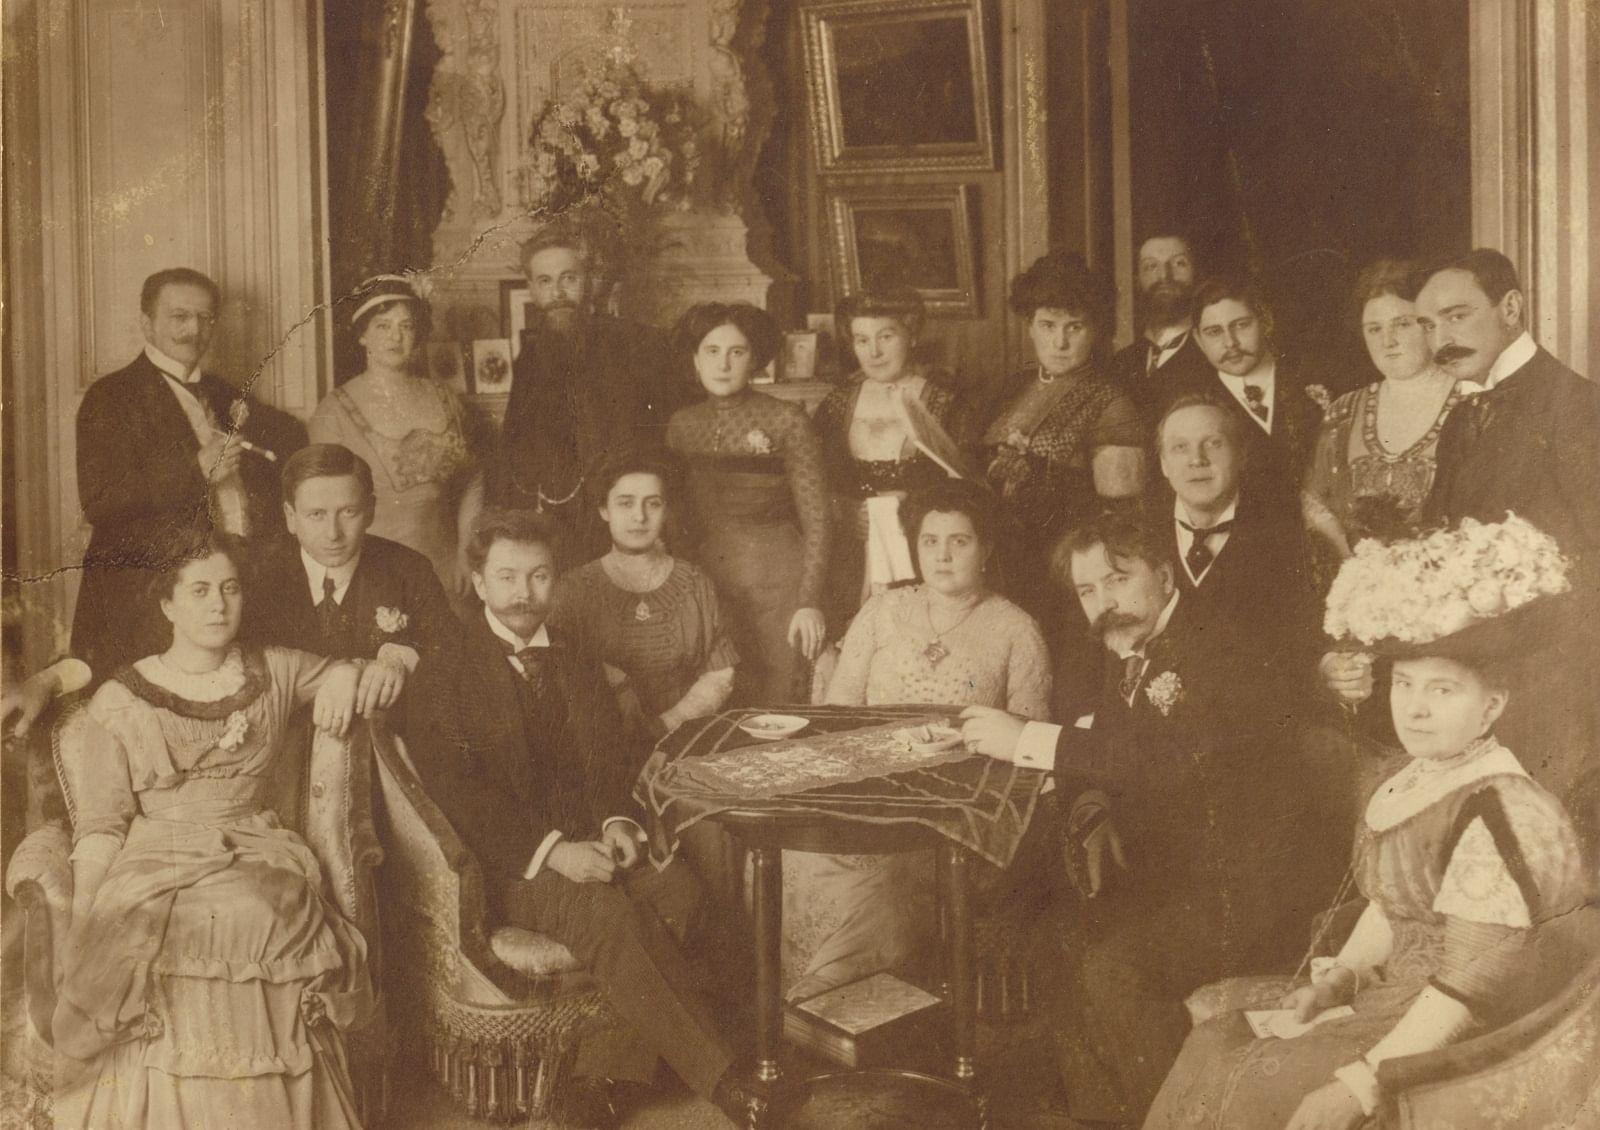 1910. Скрябин А.Н. и Шлёцер Т.Ф. на обеде в честь Ф.И. Шаляпина у Метцля Л.М. 14 марта